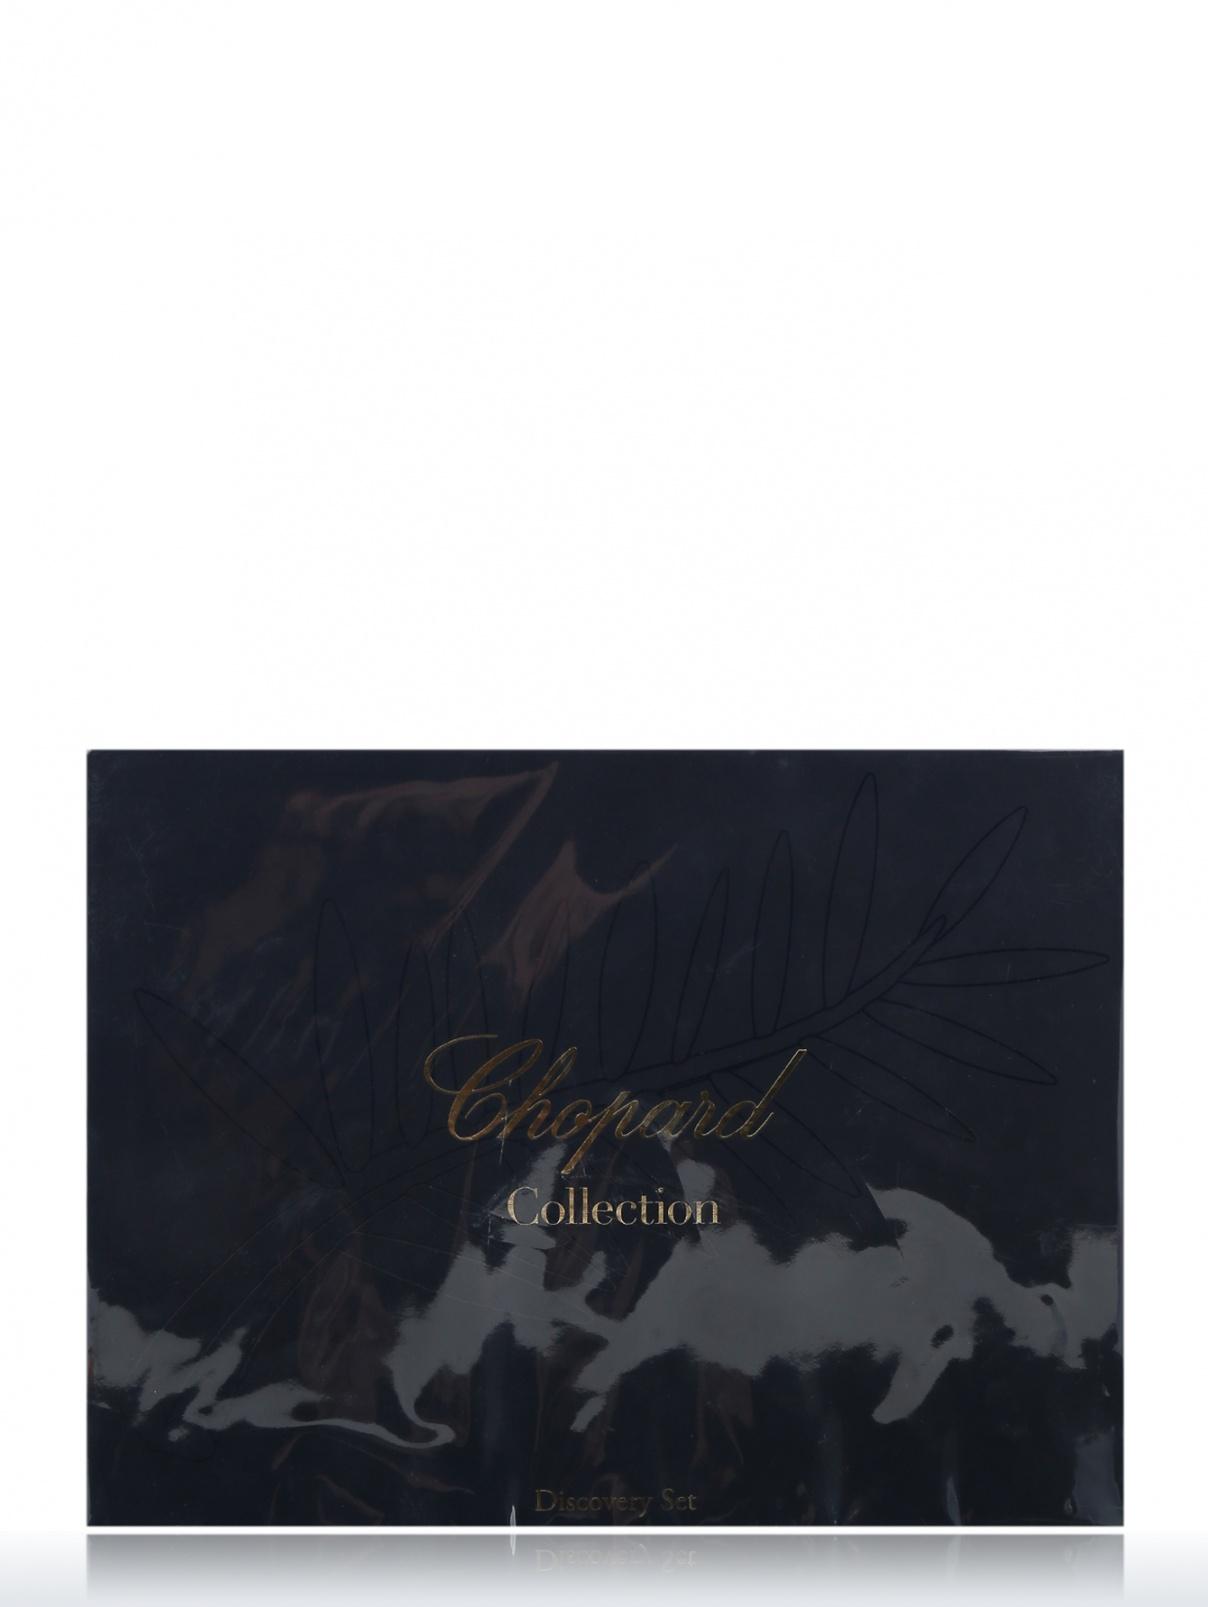 Набор Collection Chopard  –  Общий вид